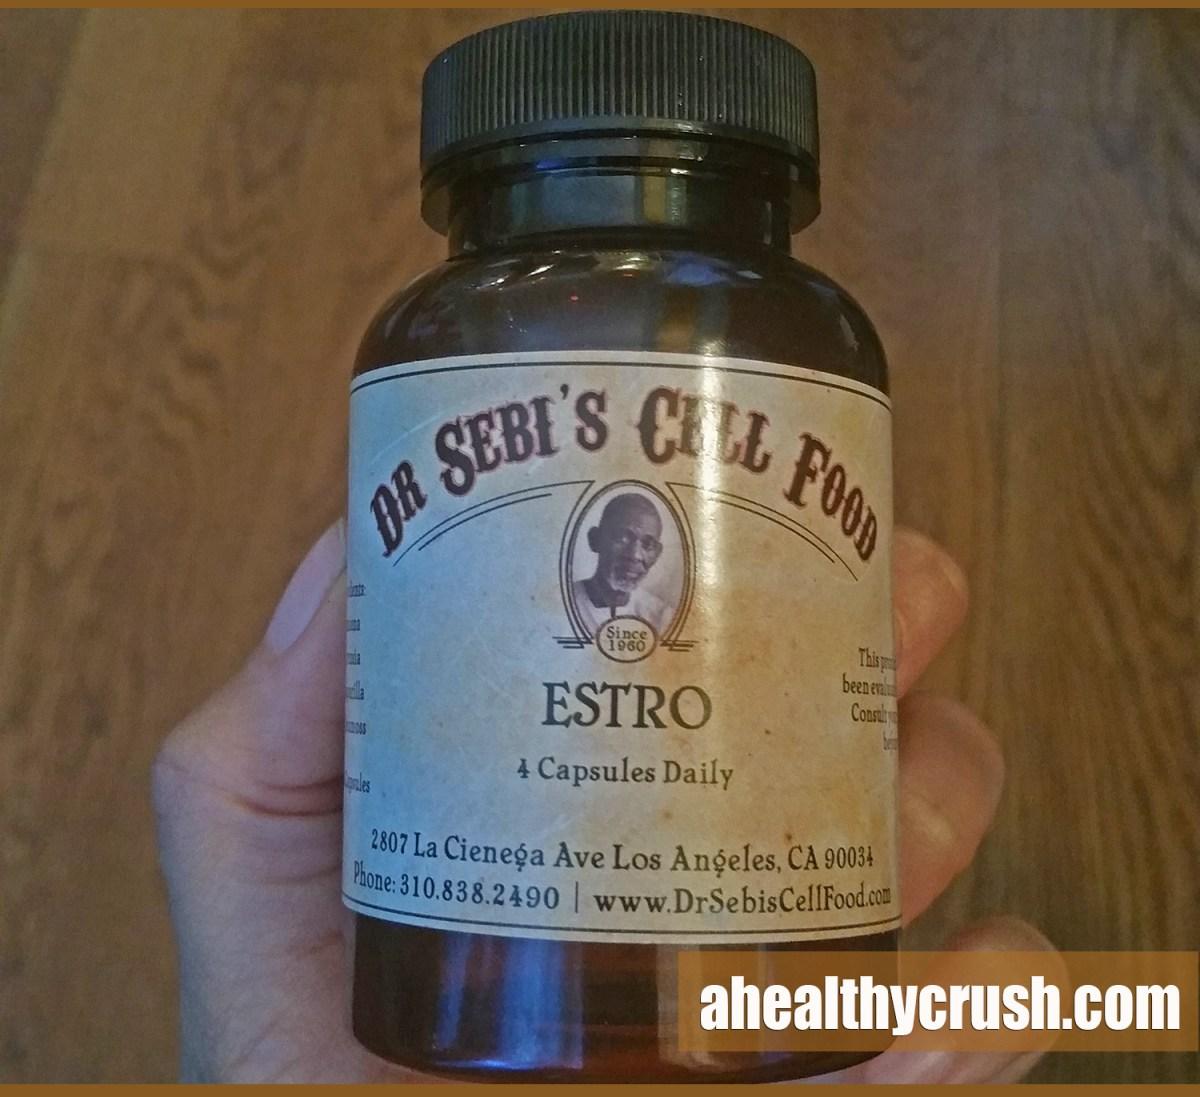 REVIEW | Dr. Sebi's Estro - Does It Make You Horny?